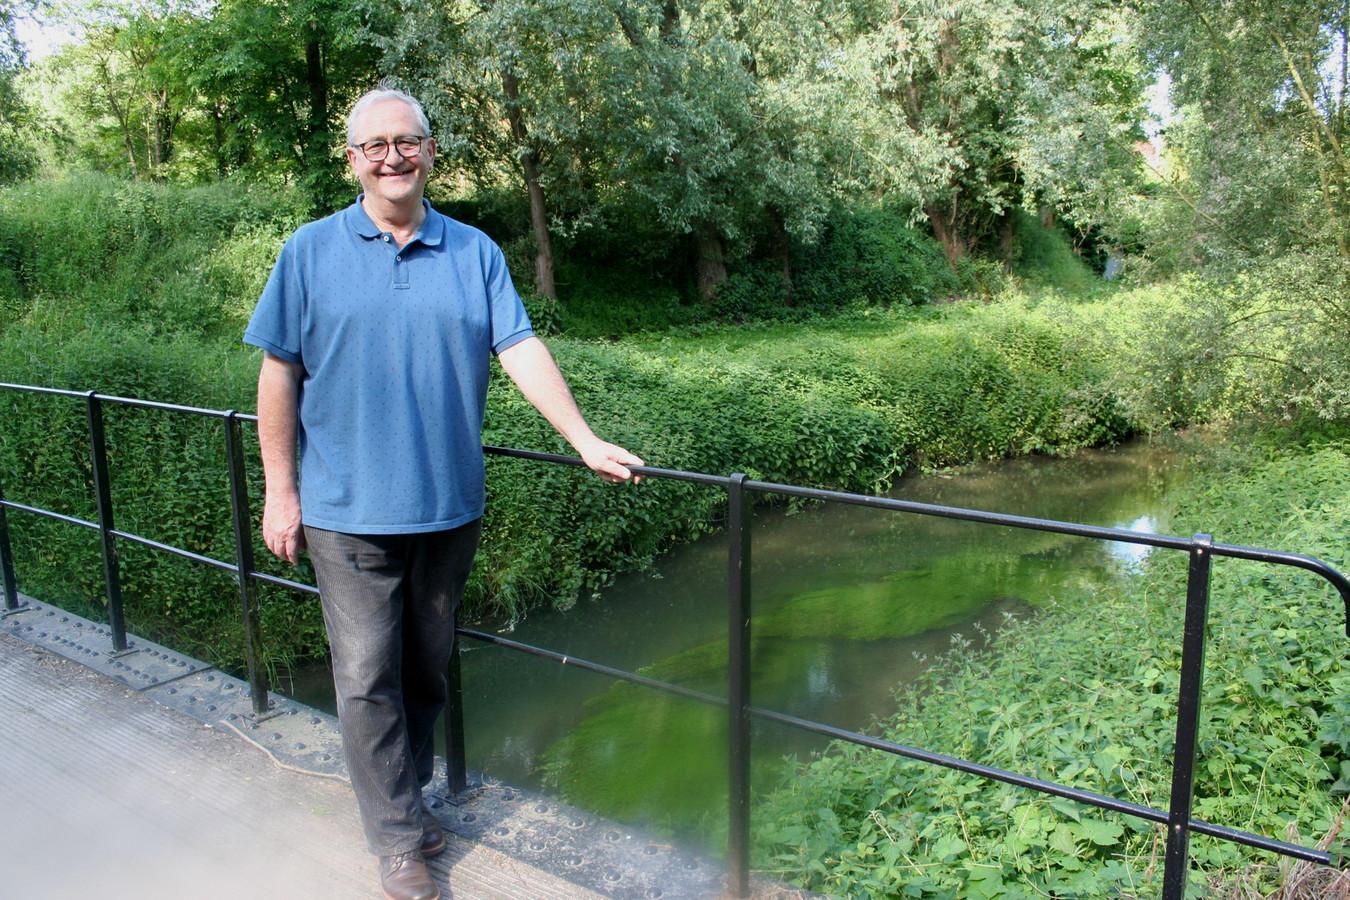 Philippe Smets aan de brug over de Grote Gete in Hoegaarden , met rechts Vlaanderen, links Wallonië